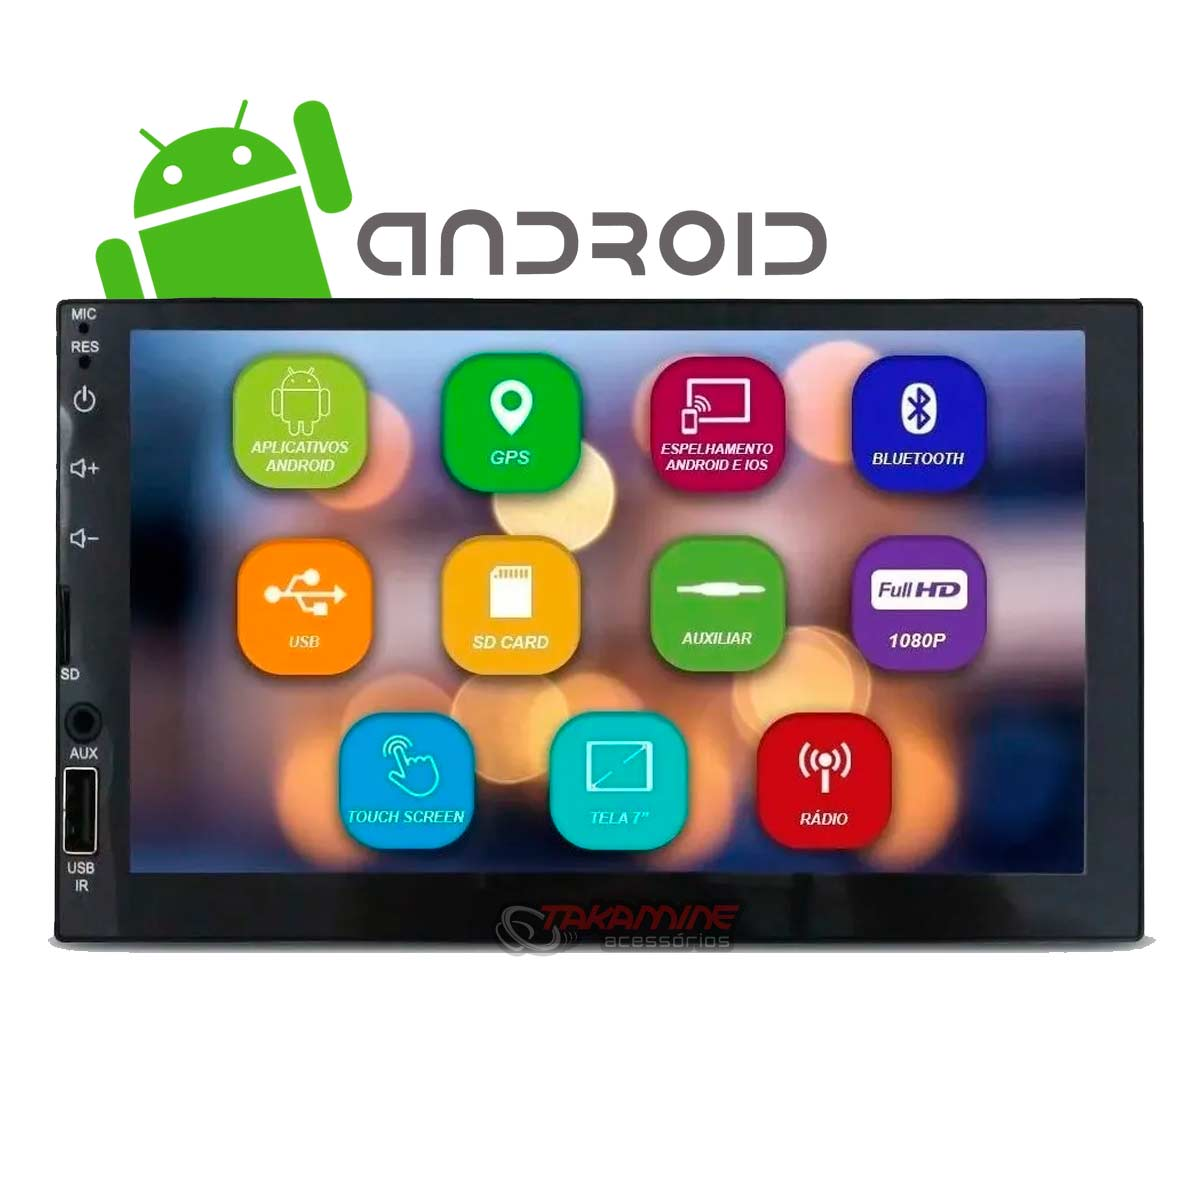 Aparelho 2 Din MP5 Android com Bluetooth, espelhamento celular Android e IOS, entrada USB